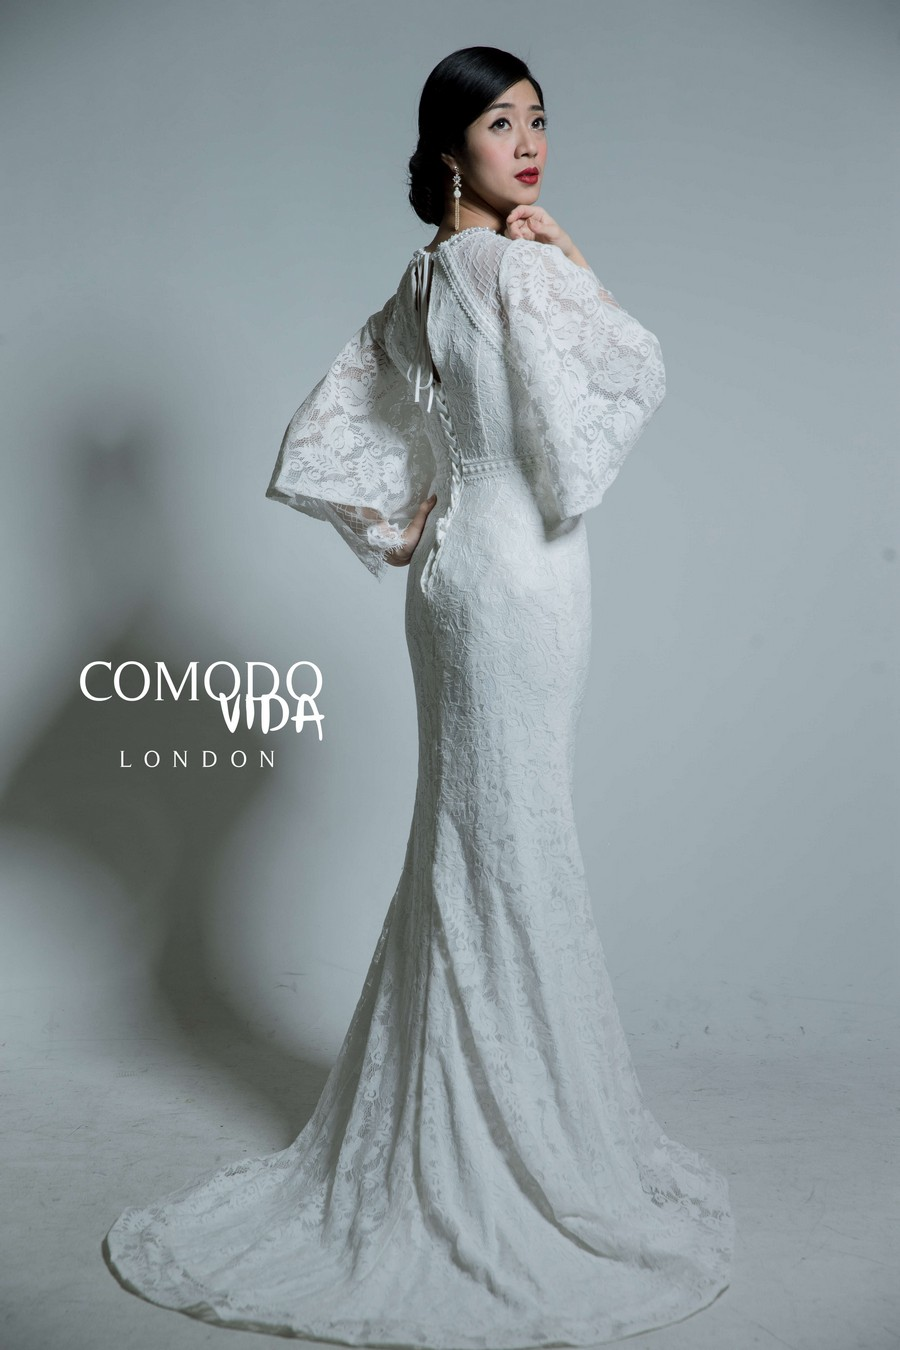 輕婚紗,婚紗推薦,婚紗品牌,輕婚紗 推薦,手工輕婚紗,輕婚紗洋裝,婚紗款式